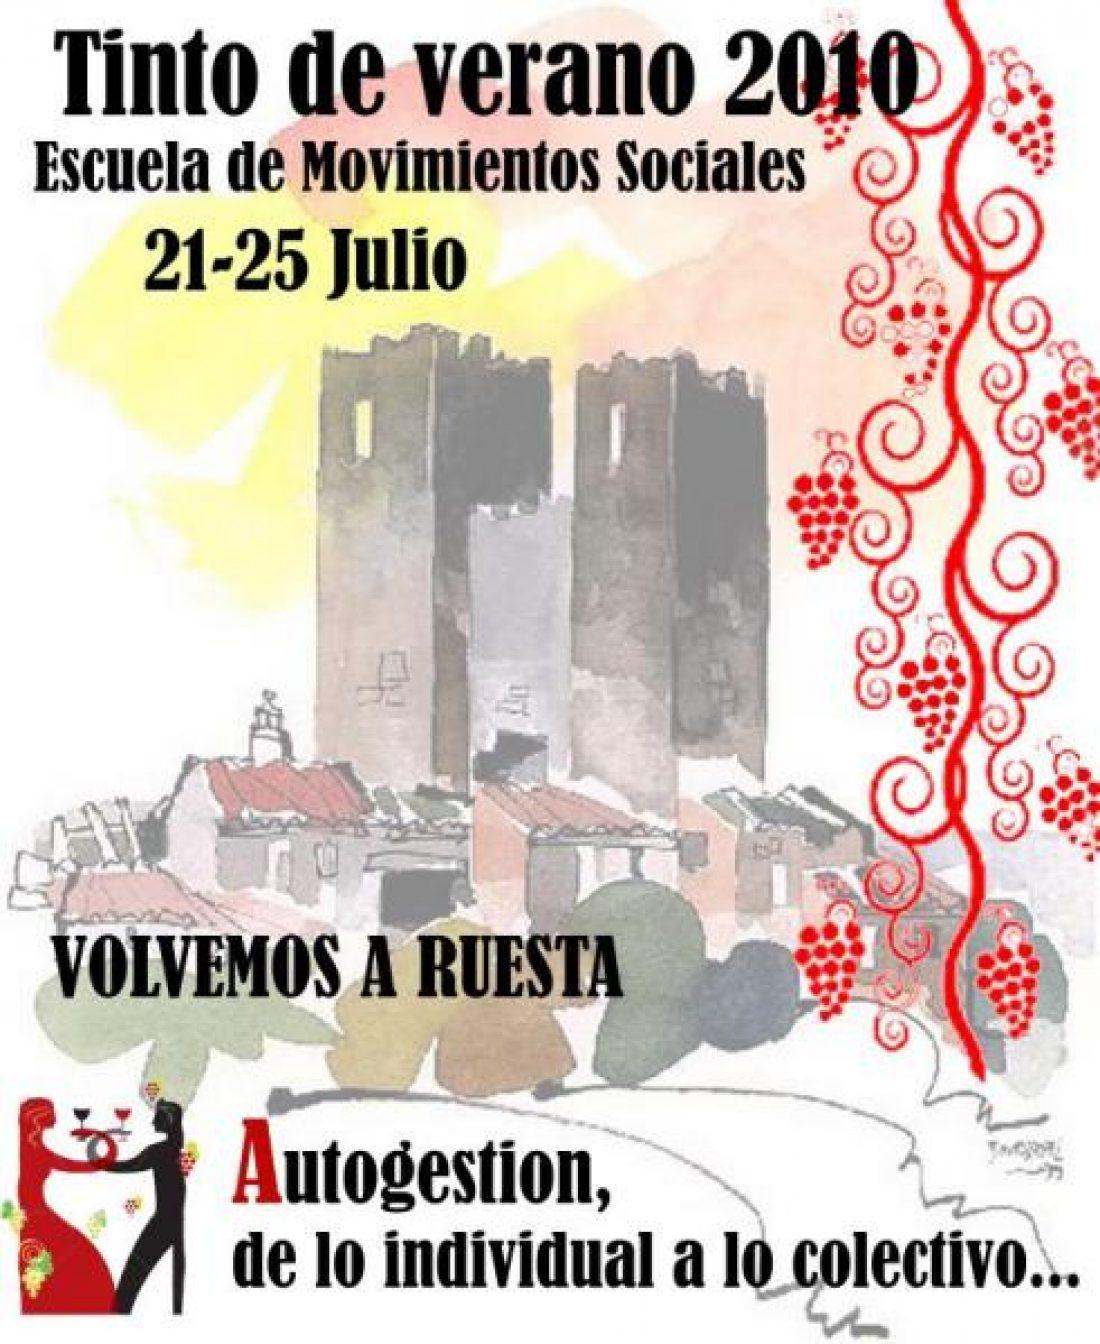 Tinto de Verano 2010: Escuela de Movimientos Sociales